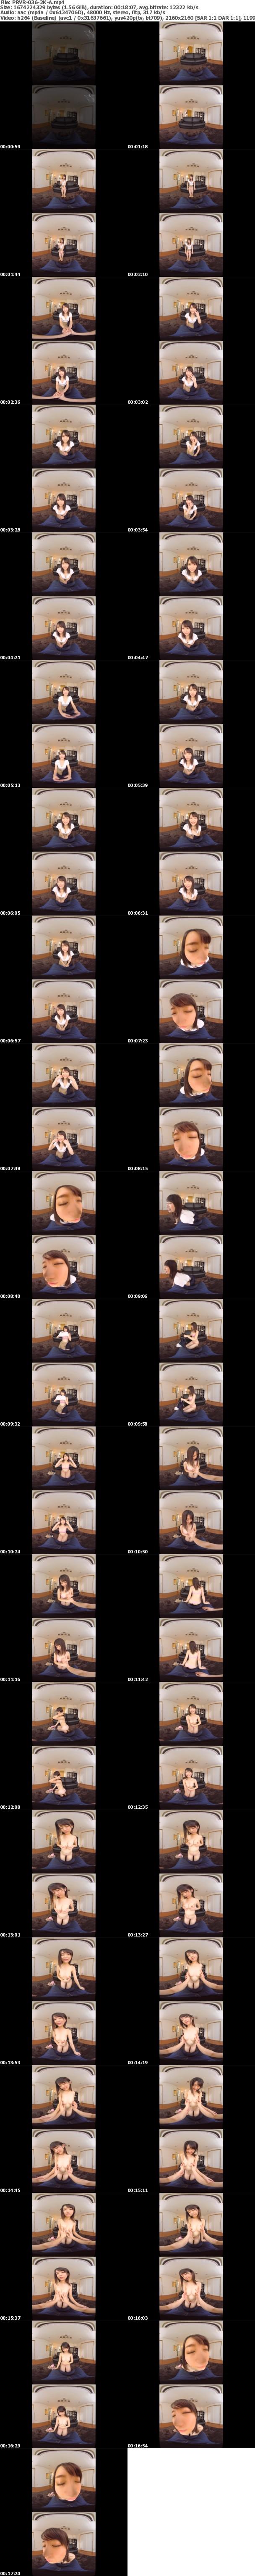 VR/3D PRDVR-036 【匠】「気持ちイイ顔いっぱい見せて?」ハニカミ天使・藤江史帆の100%全力ご奉仕セックス!